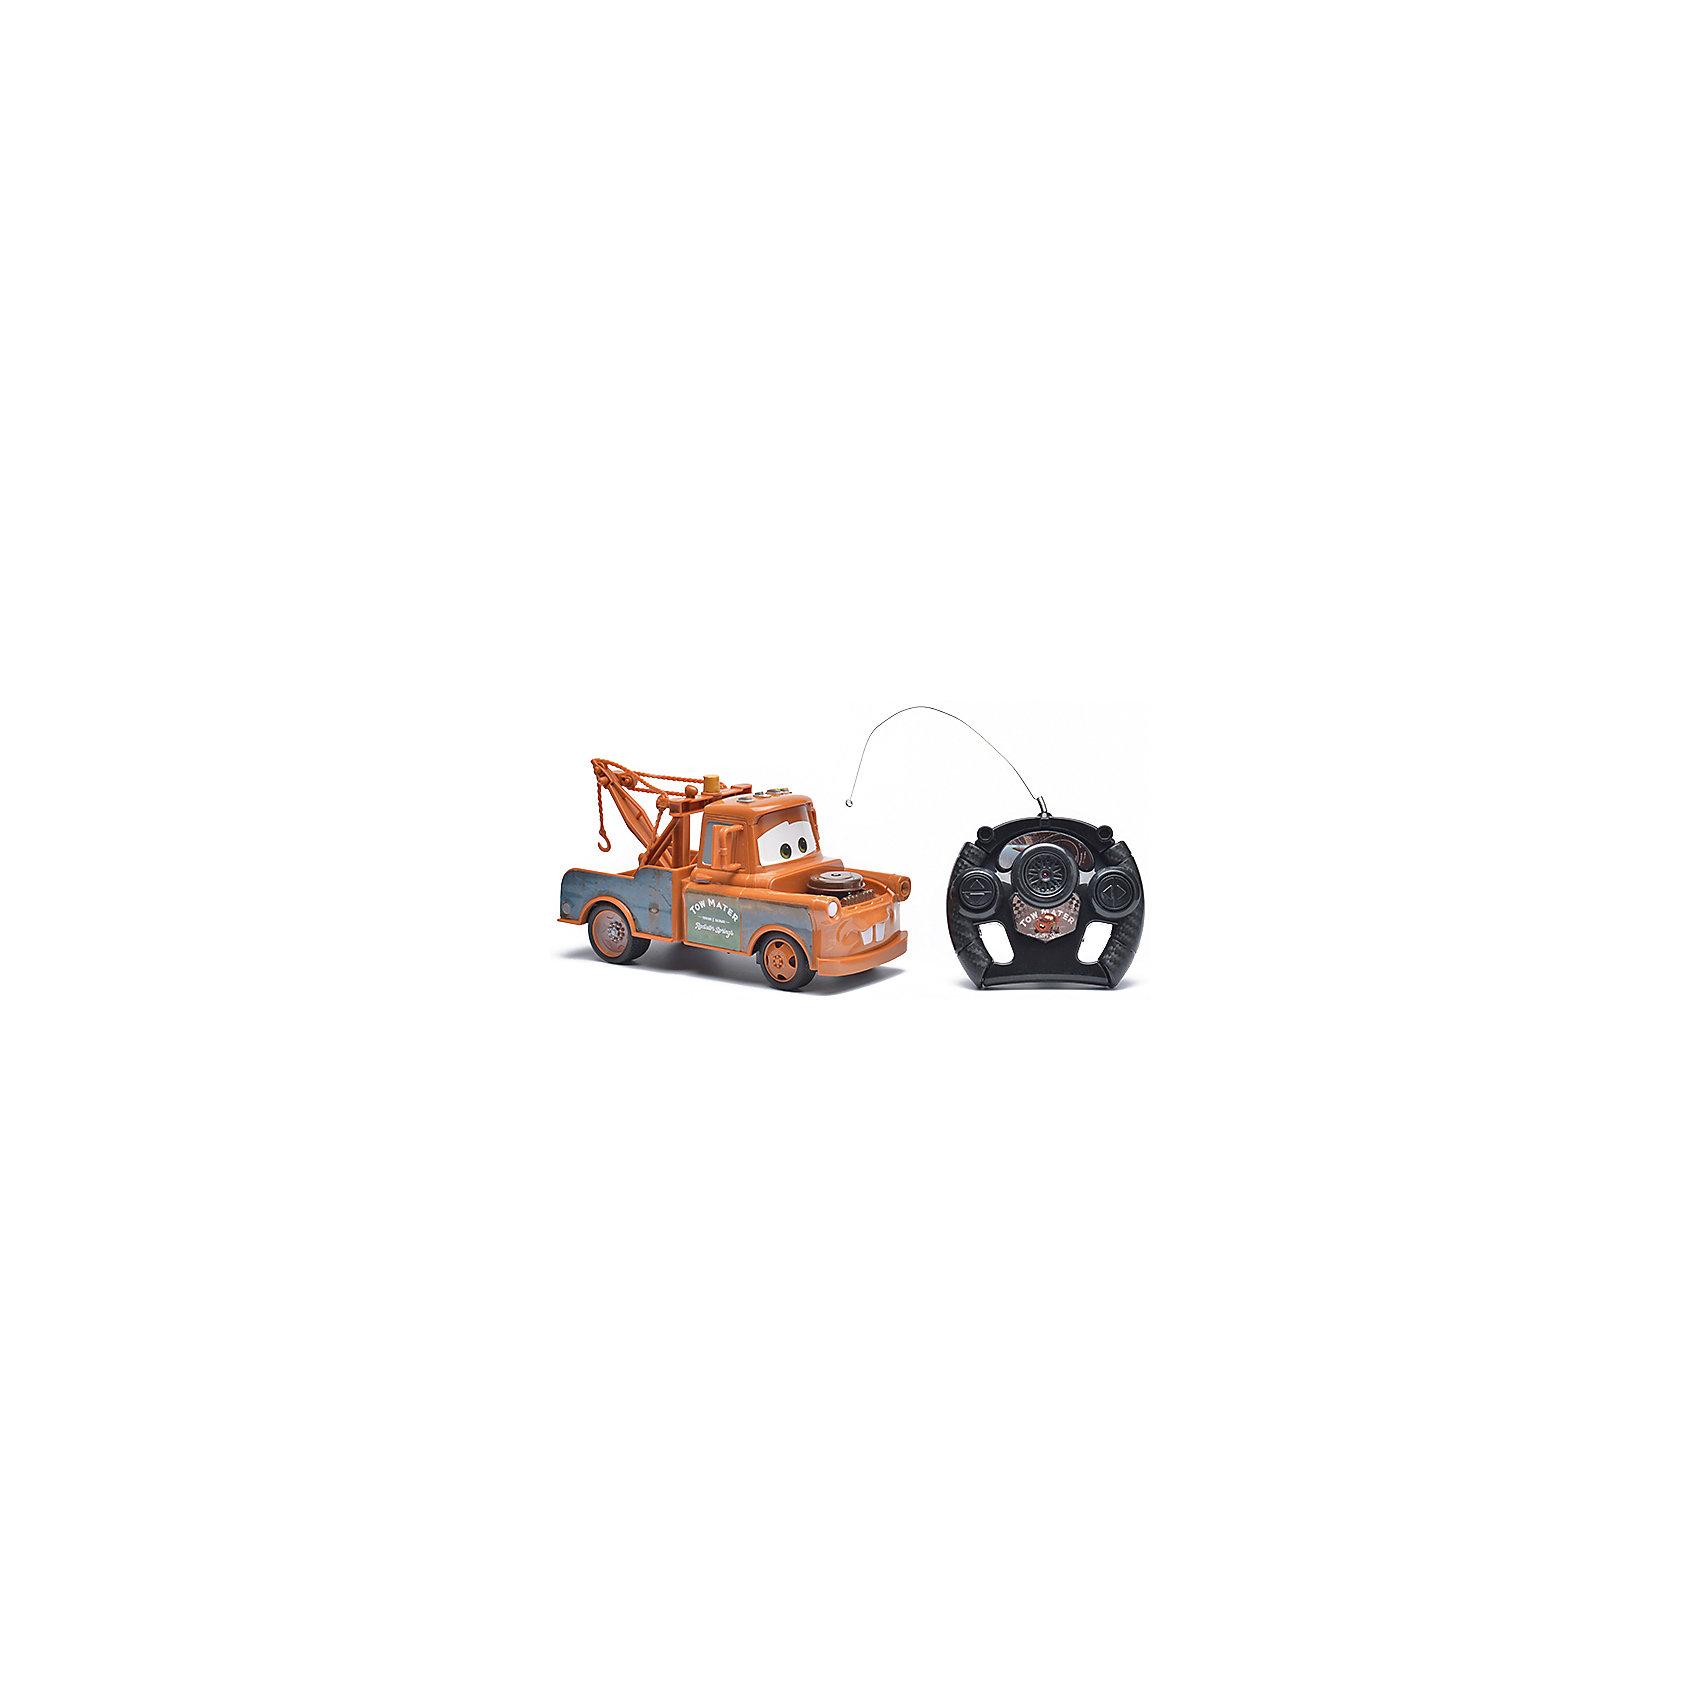 Радиоуправляемая машина Disney Мэтр, 22 смТачки<br>Характеристики товара:<br><br>• размер игрушки: 22 см;<br>• управление: пульт ДУ;<br>• направление движения: вперед, назад, вправо, влево;<br>• в комплекте: автомобиль, пульт ДУ;<br>• цвет: коричневый/черный;<br>• батарейки: АА - 5 шт. (не входят в комплект);<br>• материал: пластик;<br>• размер упаковки: 15,5х13,5х36 см;<br>• вес: 523 грамма;<br>• возраст: от 3 лет.<br><br>Мэтр - лучший друг Молнии Маккуина из мультфильма «Тачки». Его выразительные глаза и необычная окраска знакомы каждому поклоннику мультфильма. Радиоуправляемая машина Мэтр - настоящая копия своего прототипа. Он быстро ездит вперед, назад, вправо и влево. Управлять Мэтром можно при помощи пульта дистанционного управления.<br><br>Пульт выполнен в виде руля, поэтому ребенок сможет представить себя гонщиком, сидящим за рулем гоночного автомобиля. Игрушка изготовлена из прочного пластика, безопасного для детей. Для работы необходимы 5 батареек АА (не входят в комплект).<br><br>Радиоуправляемую машину Disney Мэтр, 22 см можно купить в нашем интернет-магазине.<br><br>Ширина мм: 360<br>Глубина мм: 135<br>Высота мм: 155<br>Вес г: 523<br>Возраст от месяцев: 36<br>Возраст до месяцев: 72<br>Пол: Мужской<br>Возраст: Детский<br>SKU: 6982804